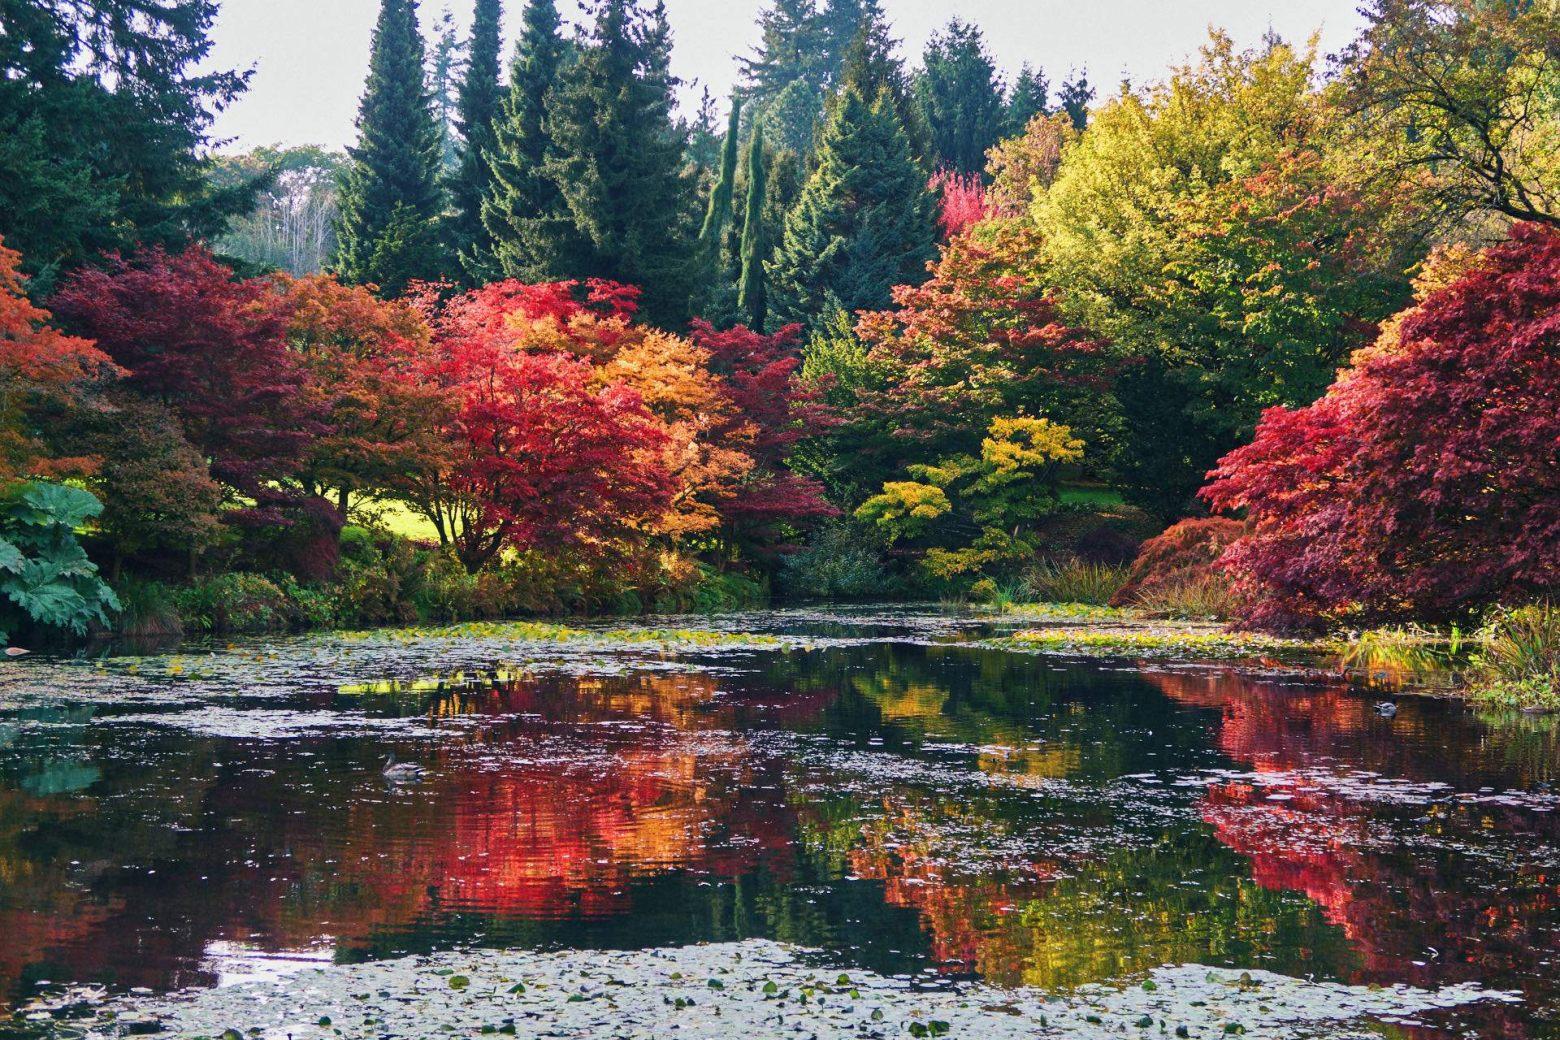 Van Dusen Botanical Garden  Vancouver